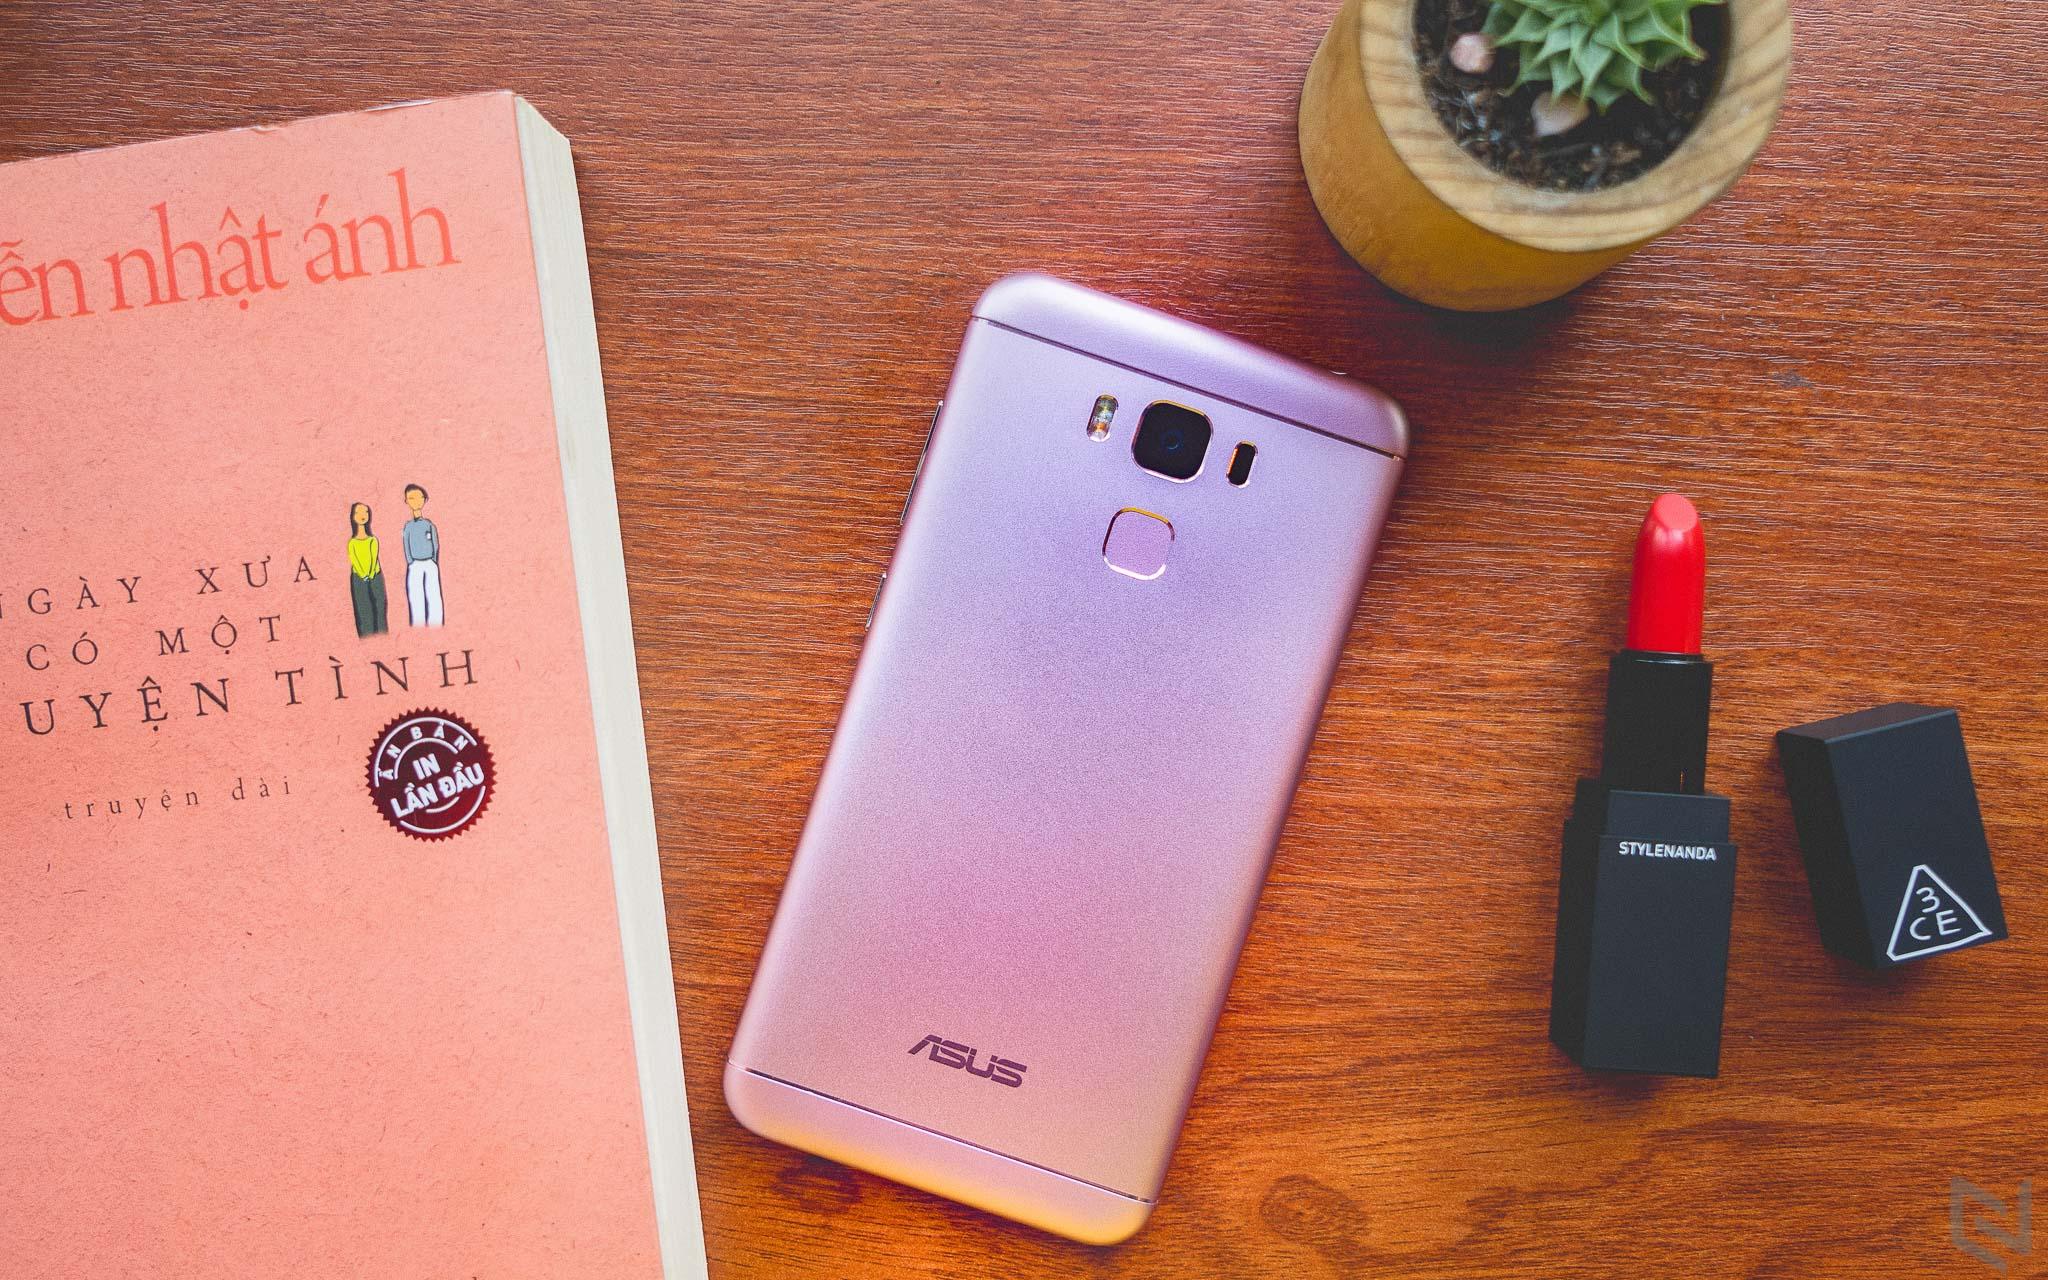 HOT Asus Zenfone 3 Max Hong Gia Soc Chi 3750000d Tai Tikivn